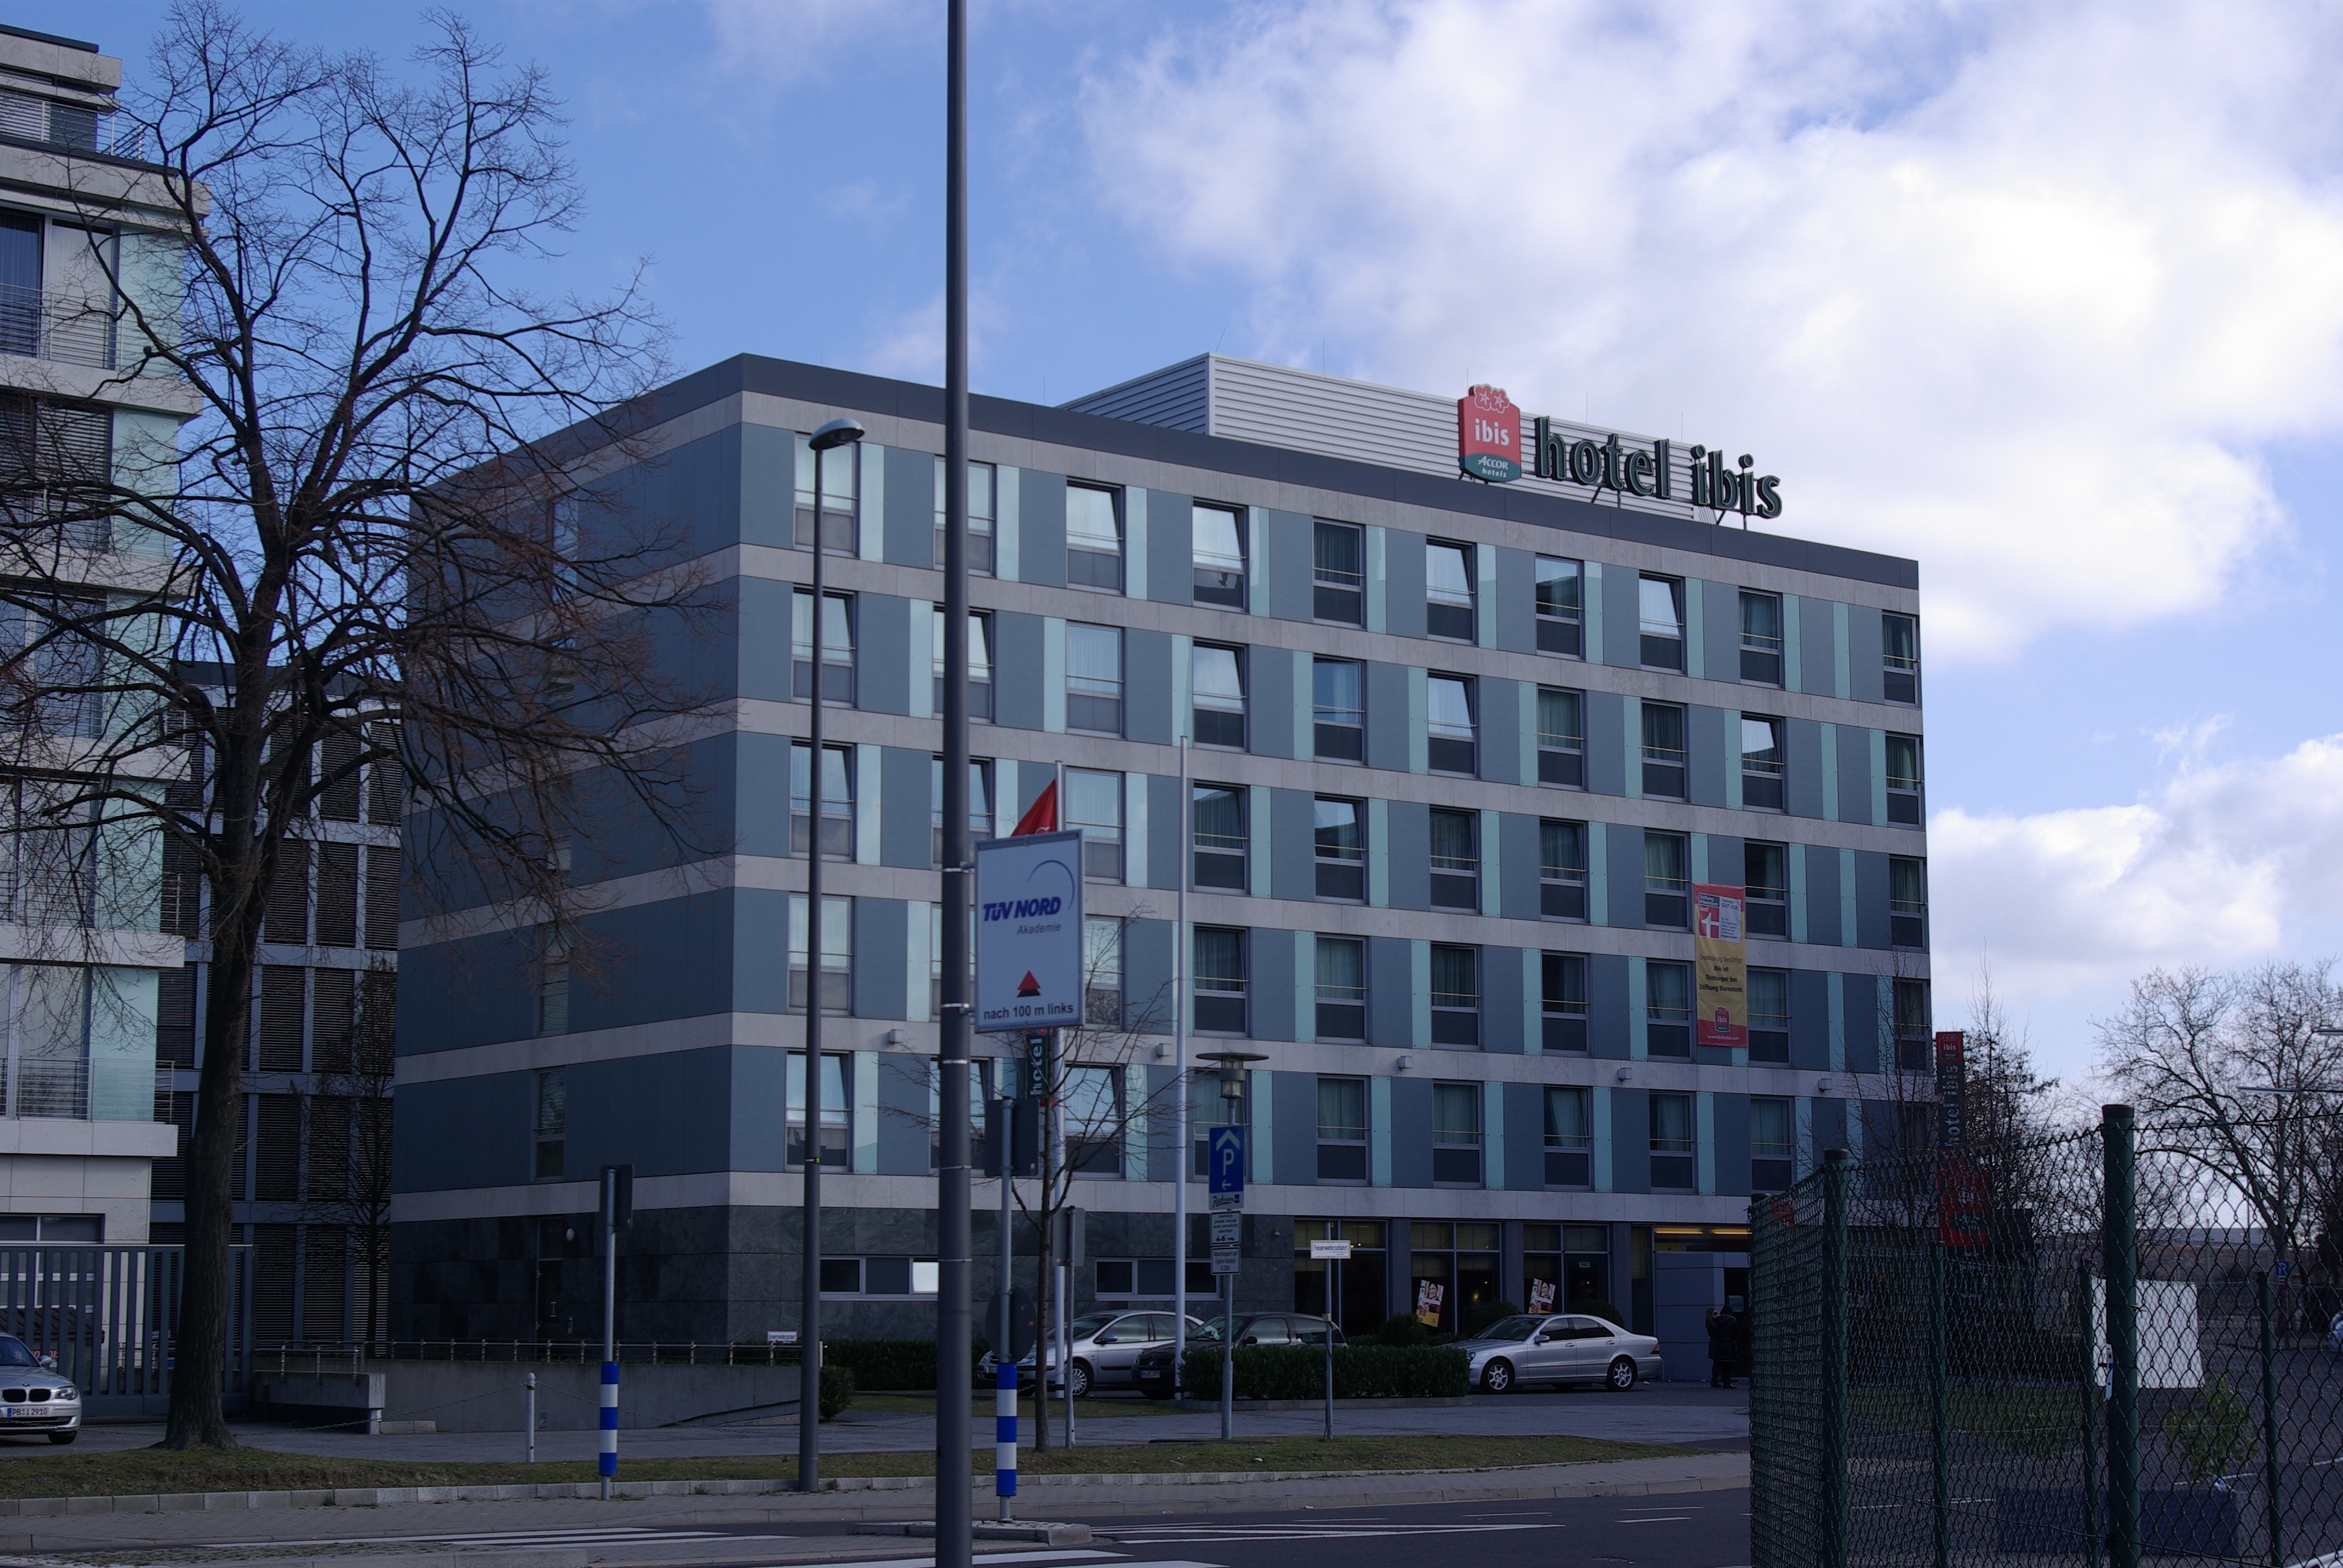 Ibis Hotel Koln Alter Deutzer Postweg